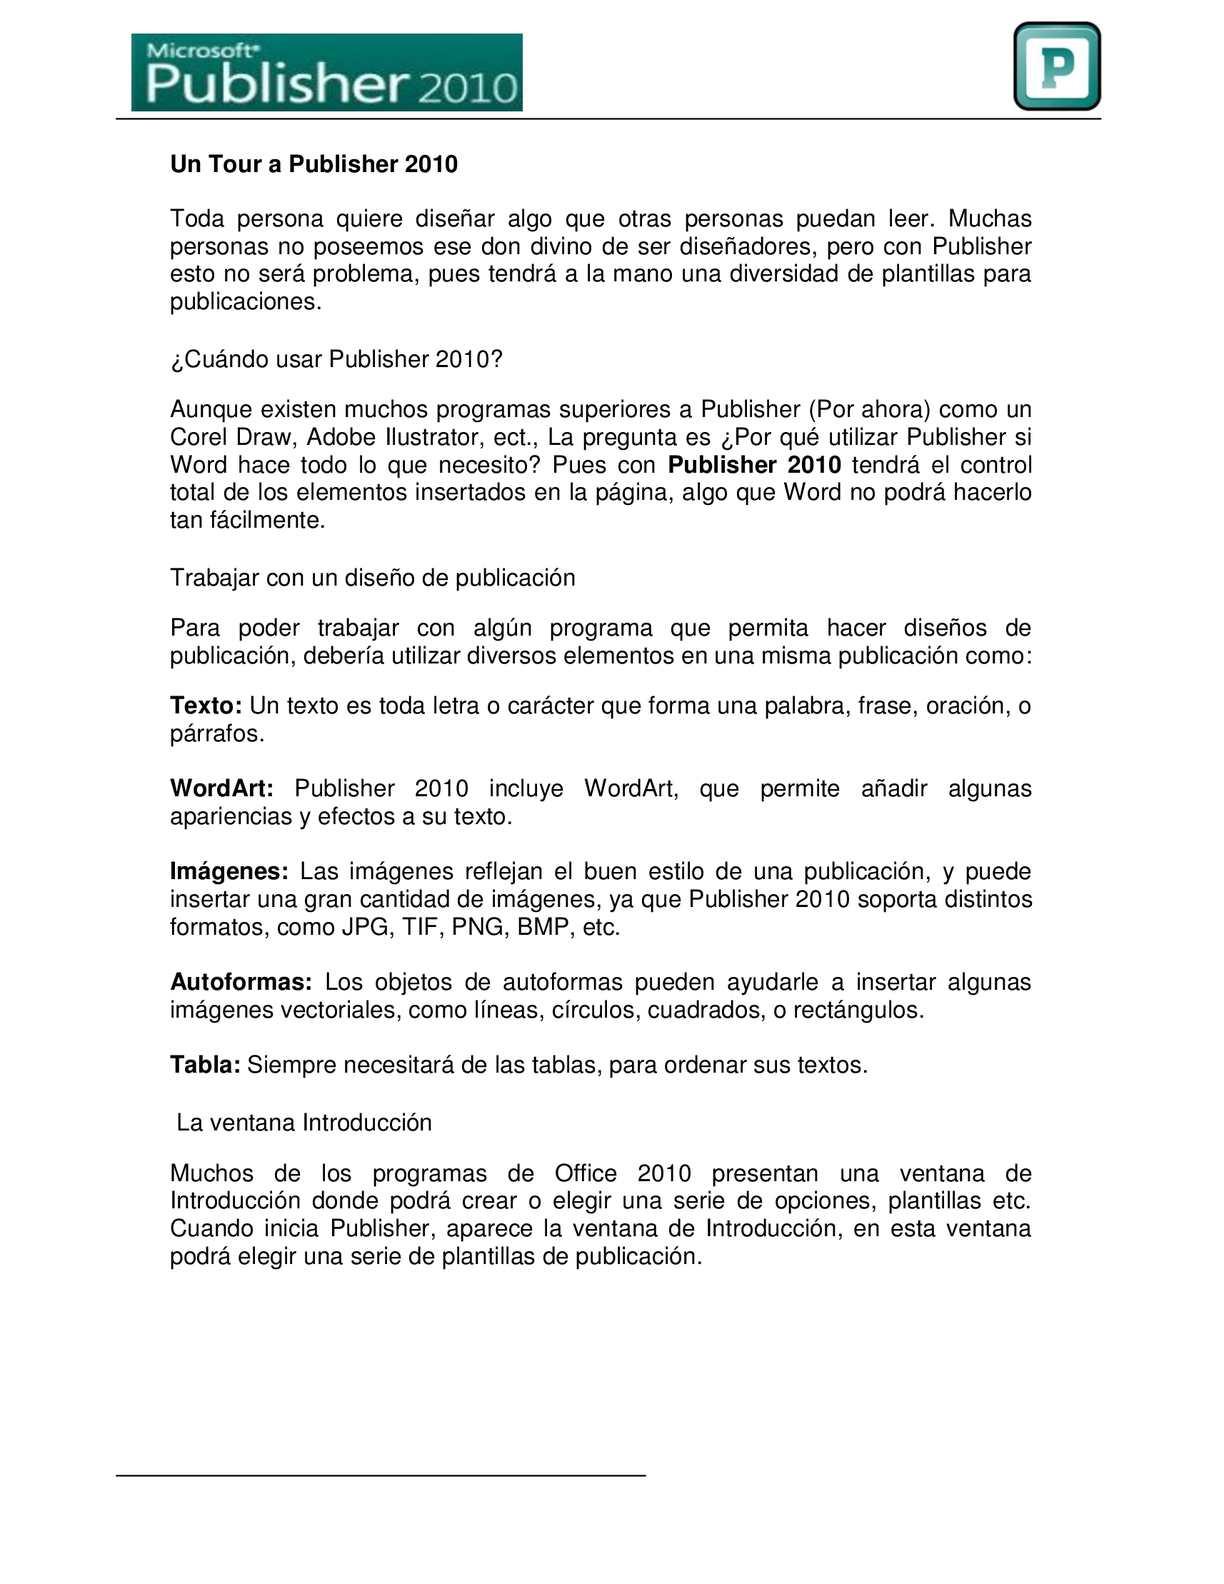 Calaméo Crear Un Folleto Sencillo En Publisher